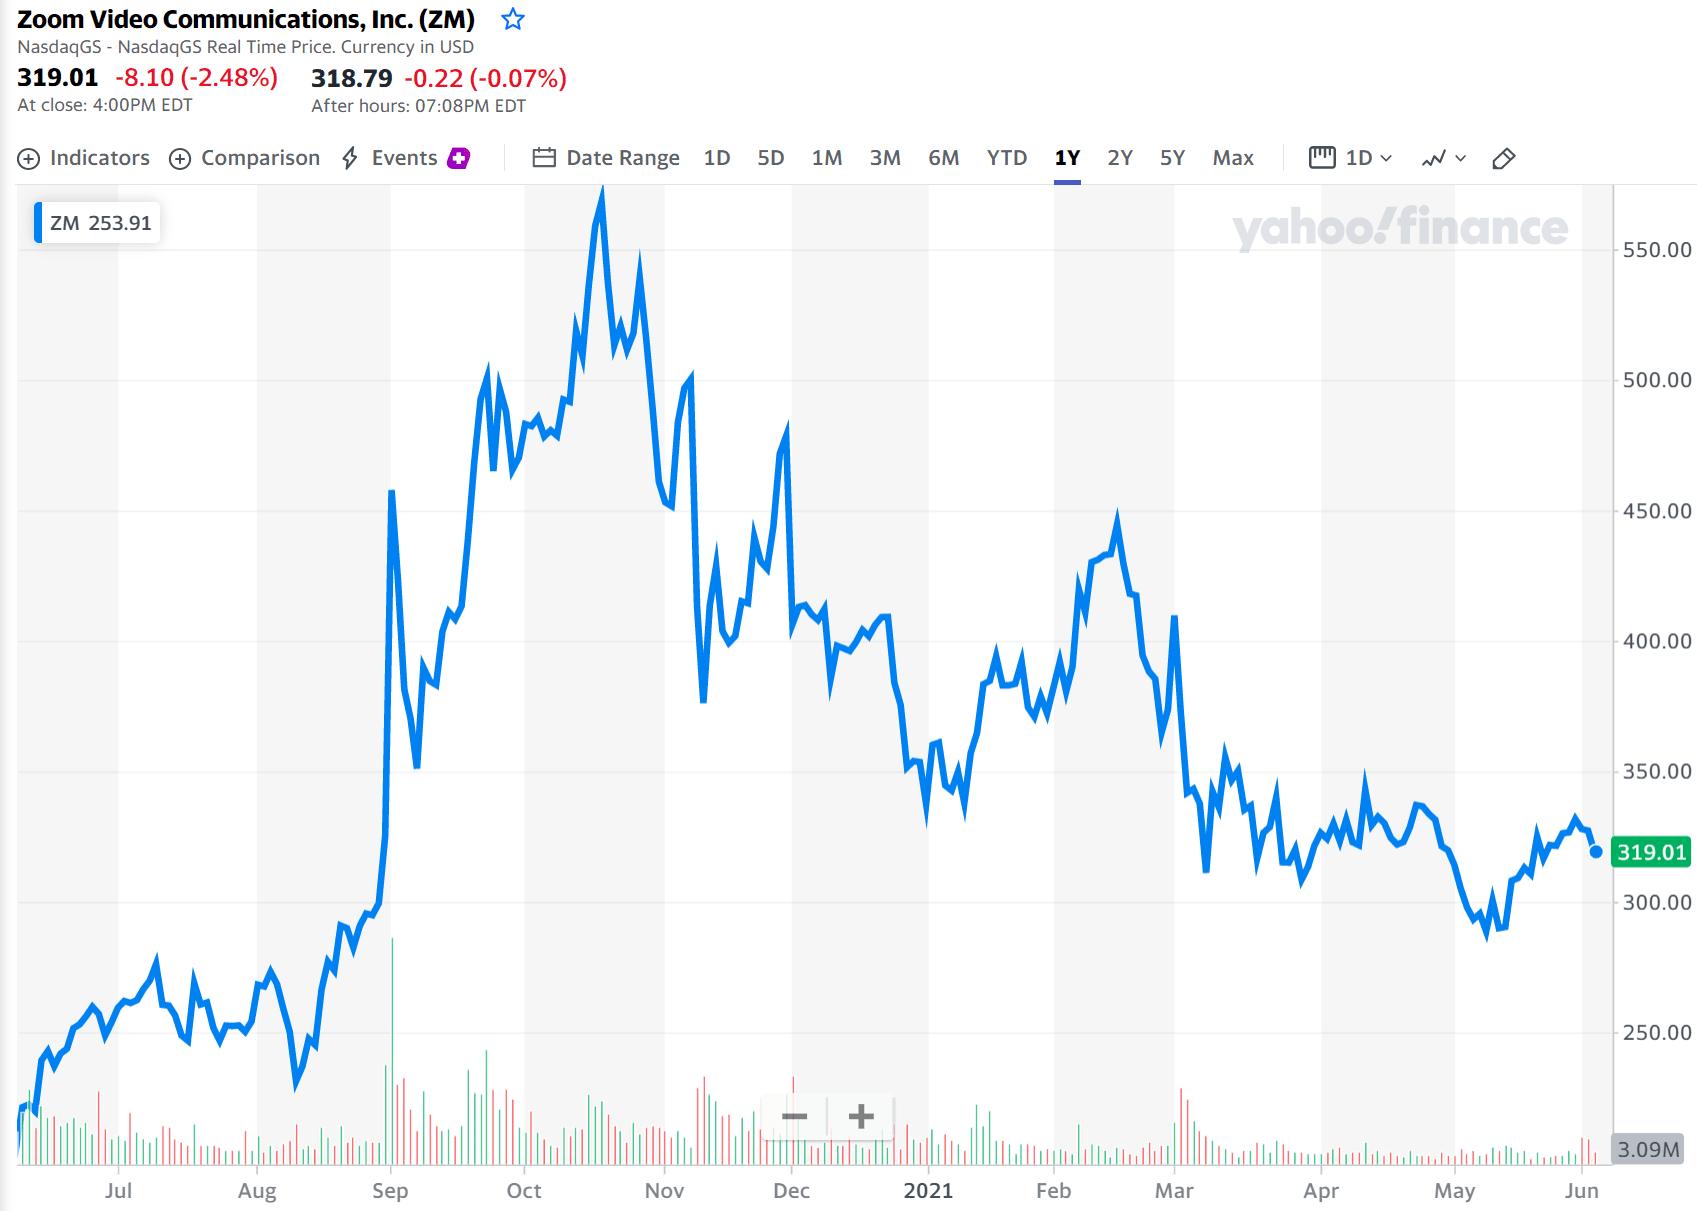 화상회의 플랫폼 줌, 지난 1년간 줌 주가 추이(2021년 6월 3일 기준) Chart from Yahoo Finance